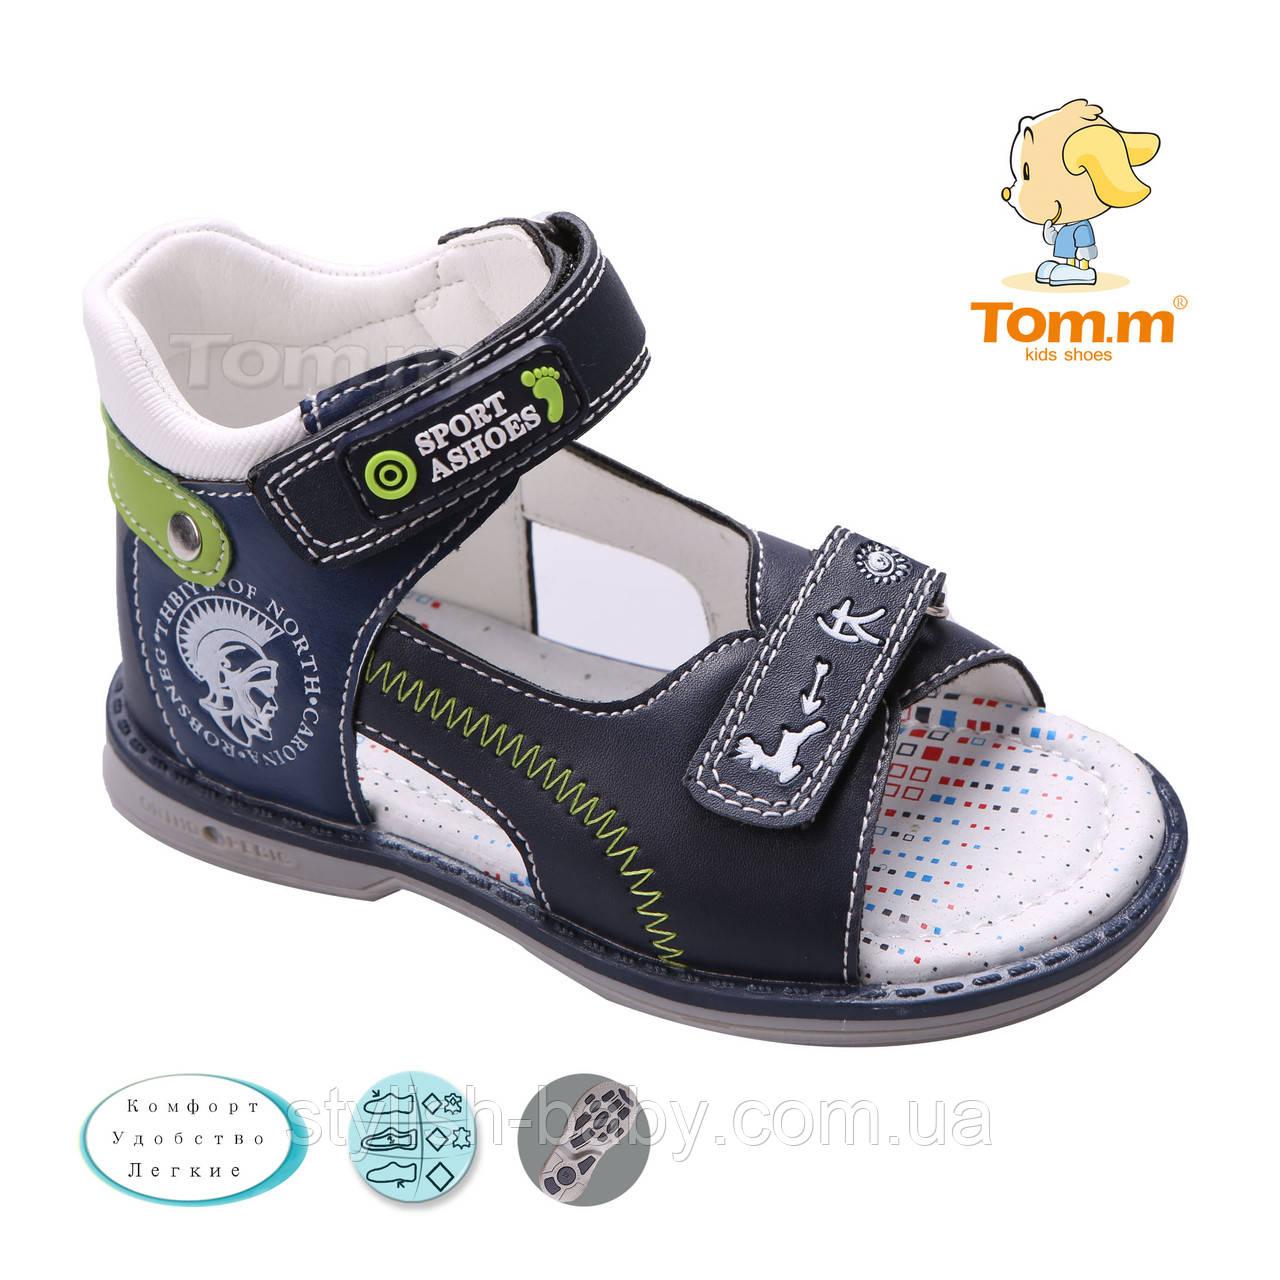 Детская летняя обувь оптом. Детские босоножки бренда Tom.m для мальчиков (рр. с 21 по 26)